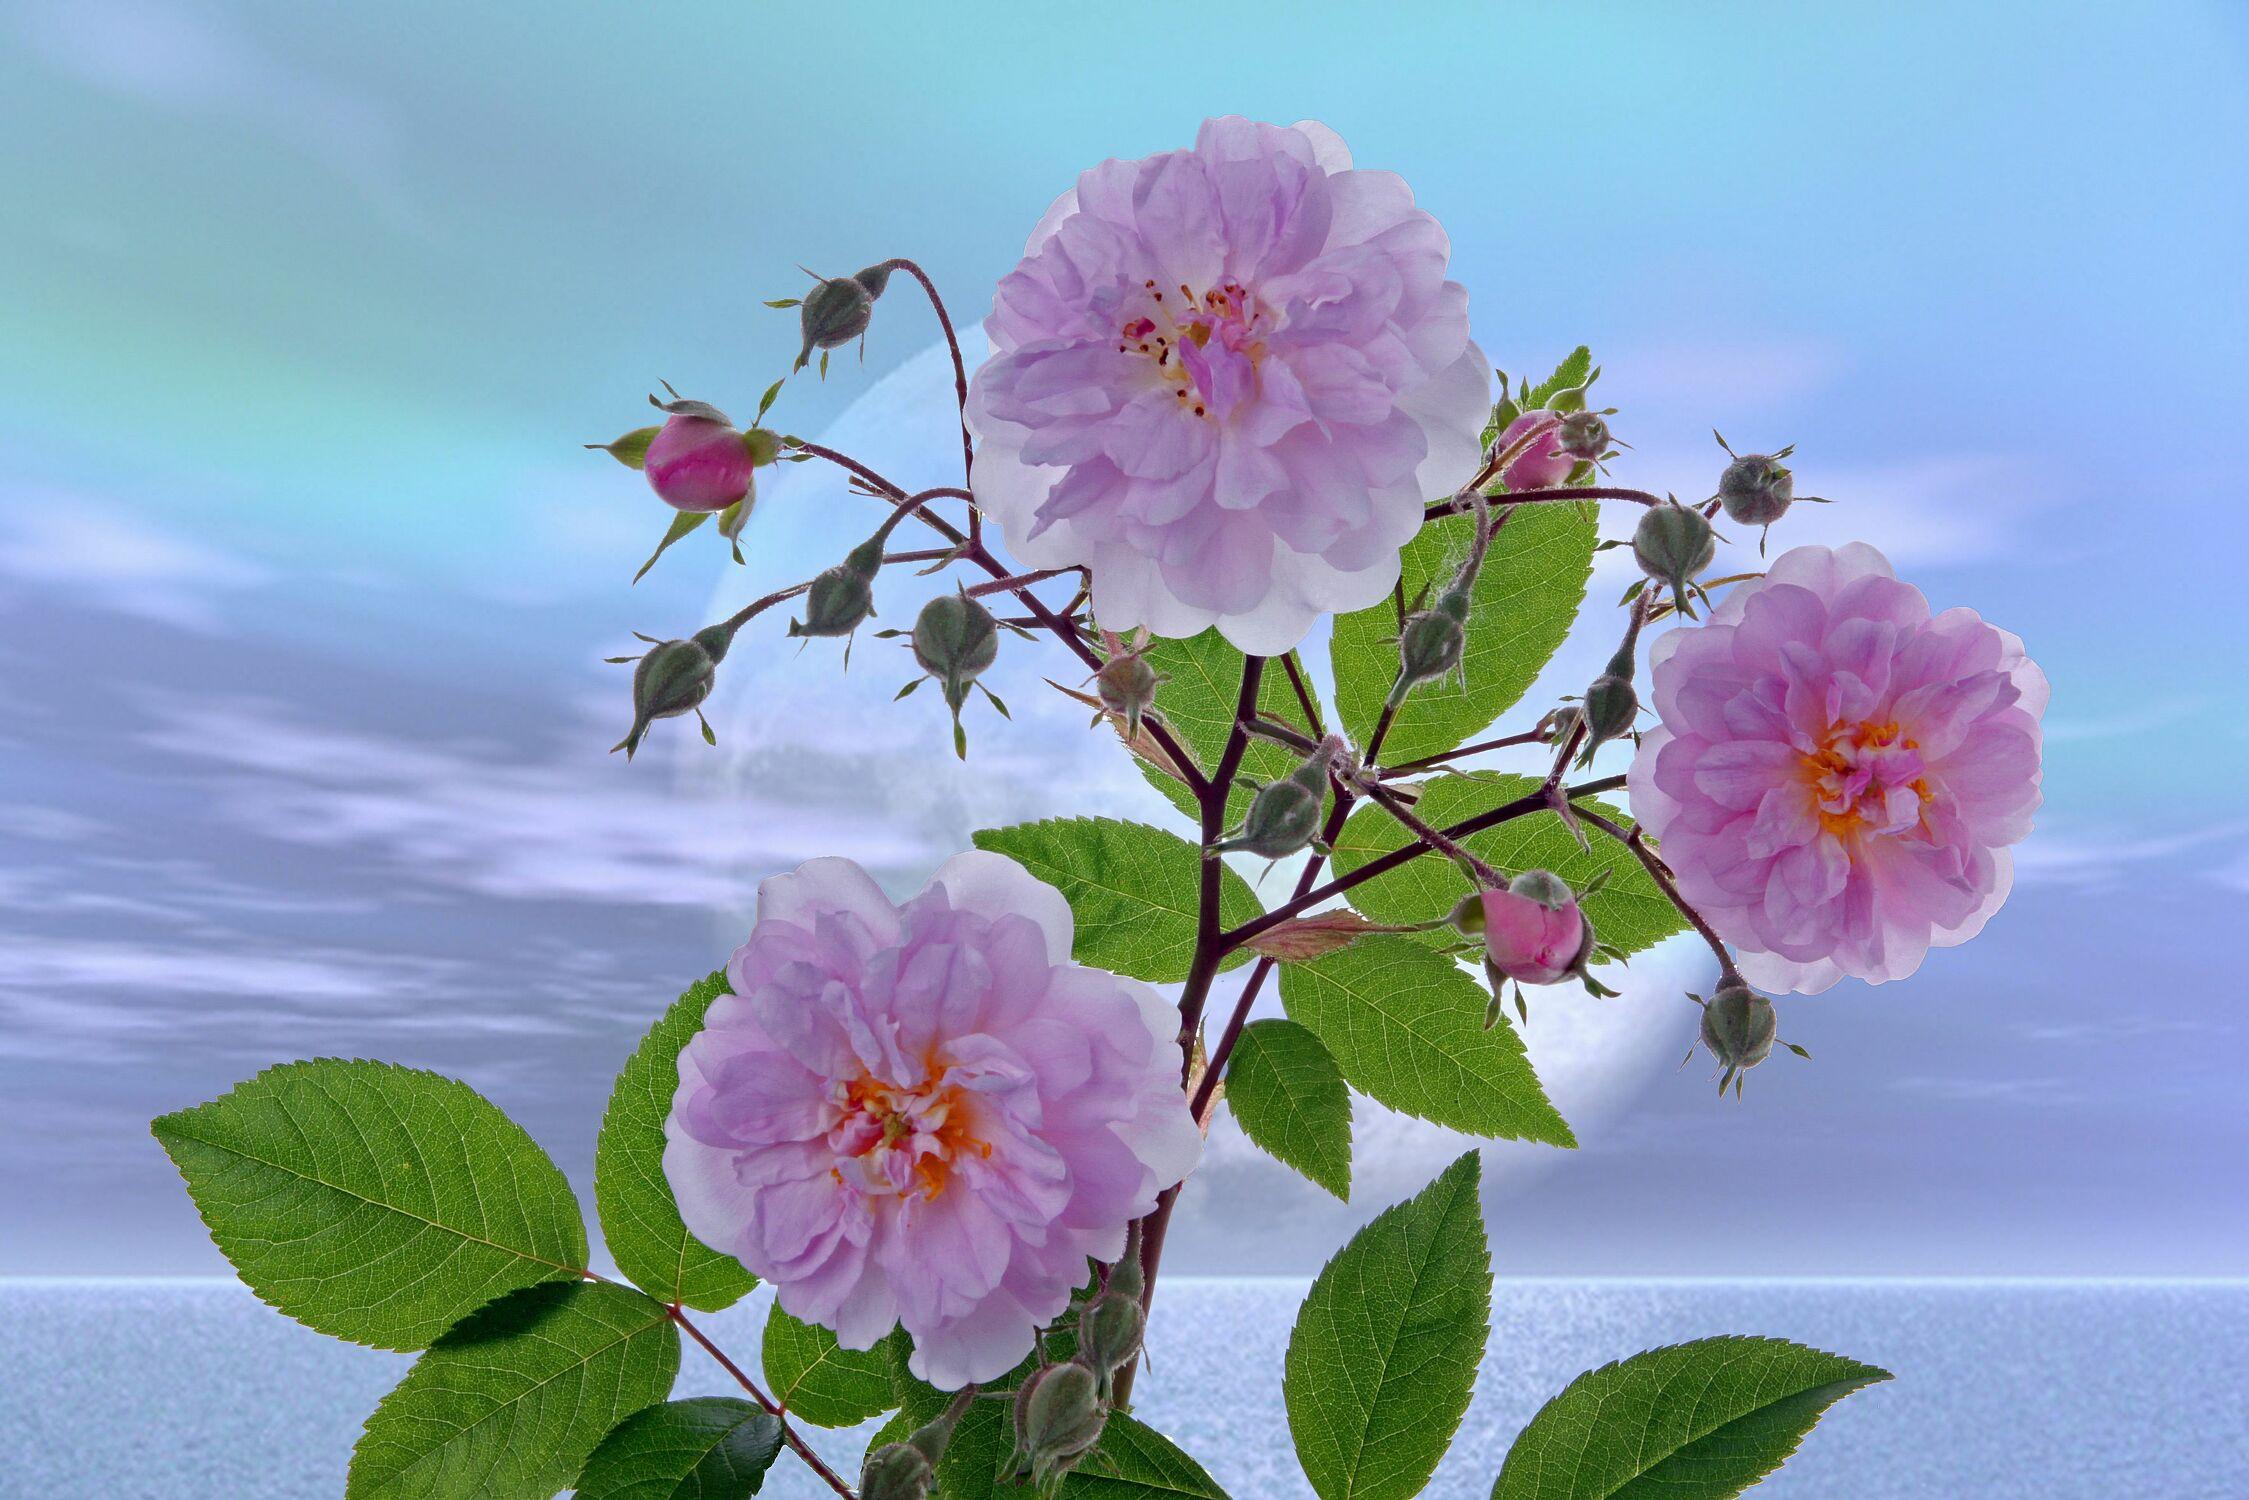 Bild mit Natur, Wasser, Pflanzen, Himmel, Wolken, Blumen, Sonnenuntergang, Sonne, Meer, Blume, Pflanze, See, Stilleben, Blüten, blüte